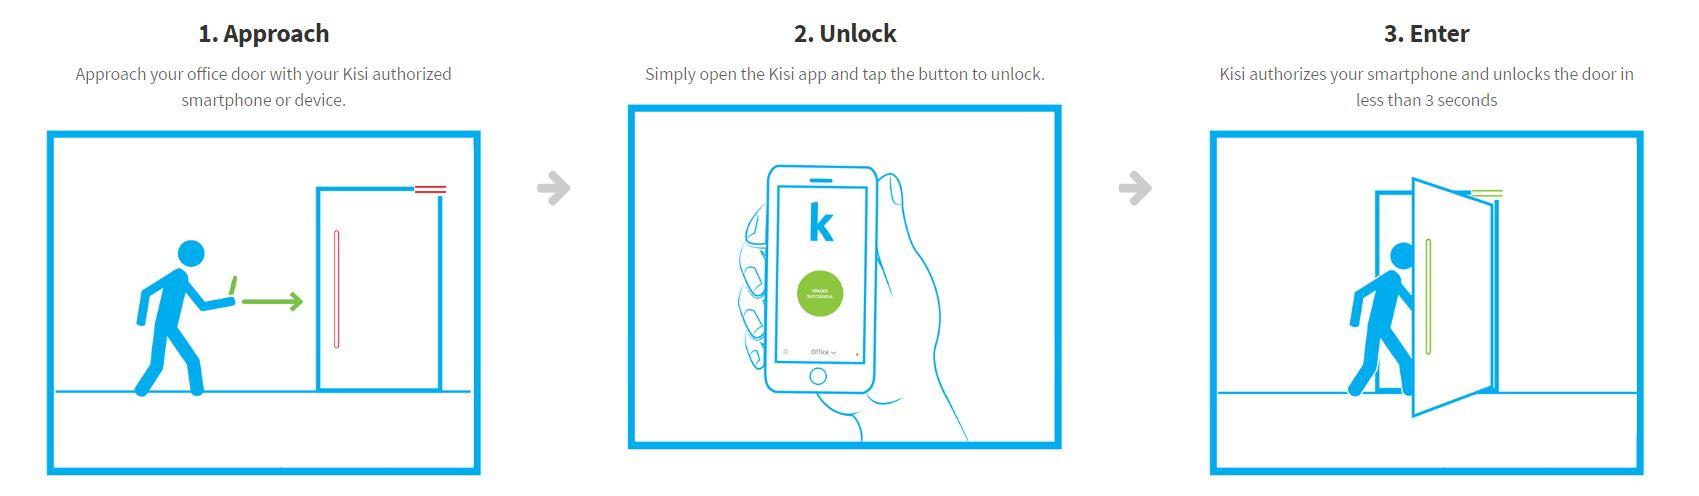 How Kisi Works | Kisi Wi-Fi Door Access Controller